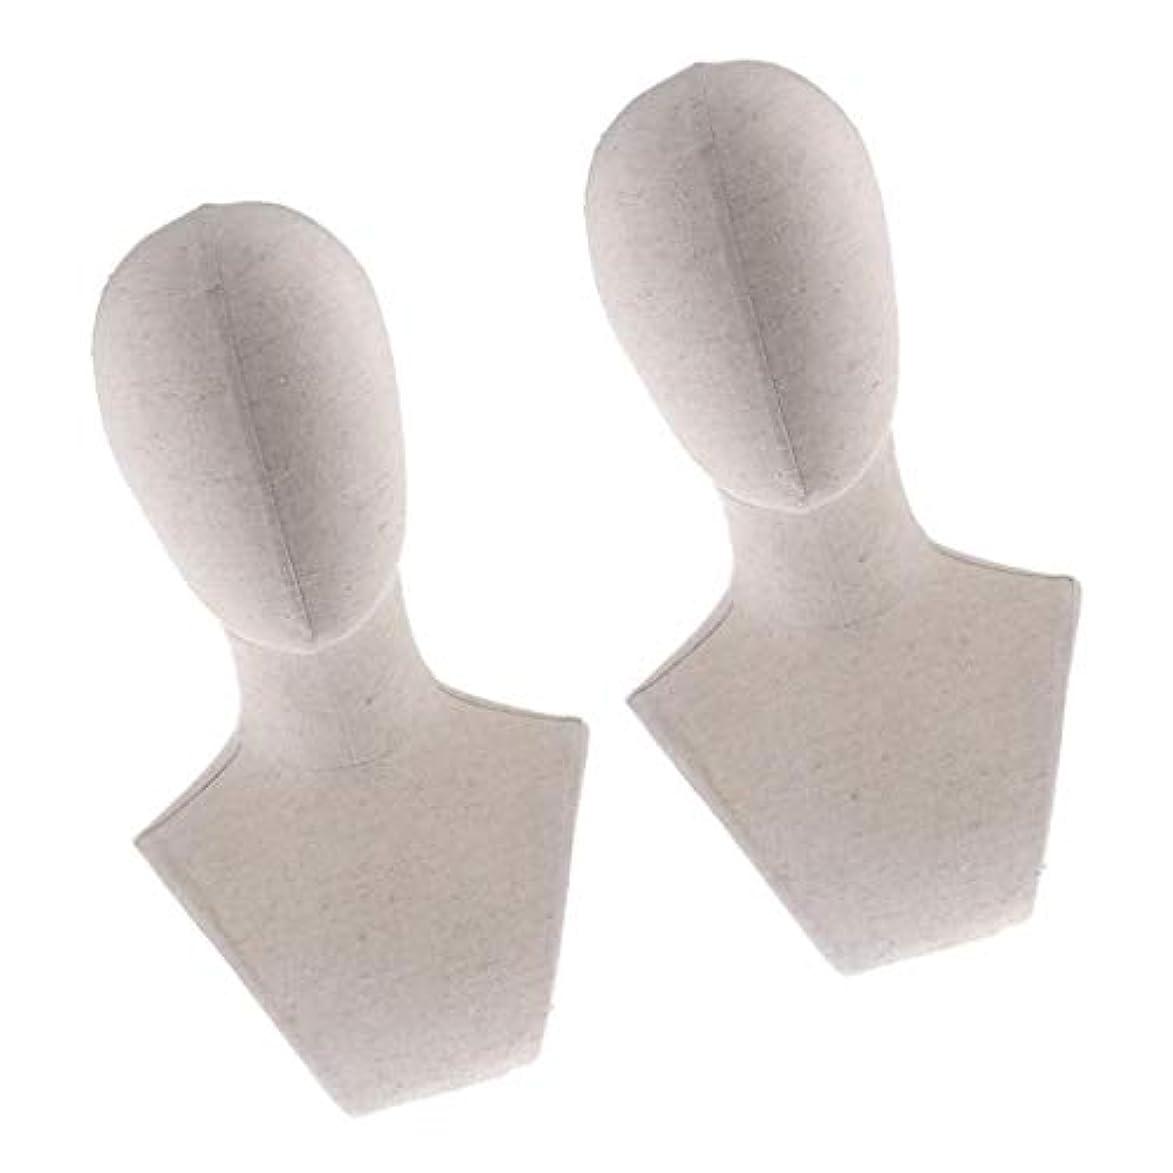 水素石炭迷信DYNWAVE プラスチック マネキン ヘッド トルソー 頭 カット練習 頭部 女性 ウィッグマネキン ウィッグスタンド2個